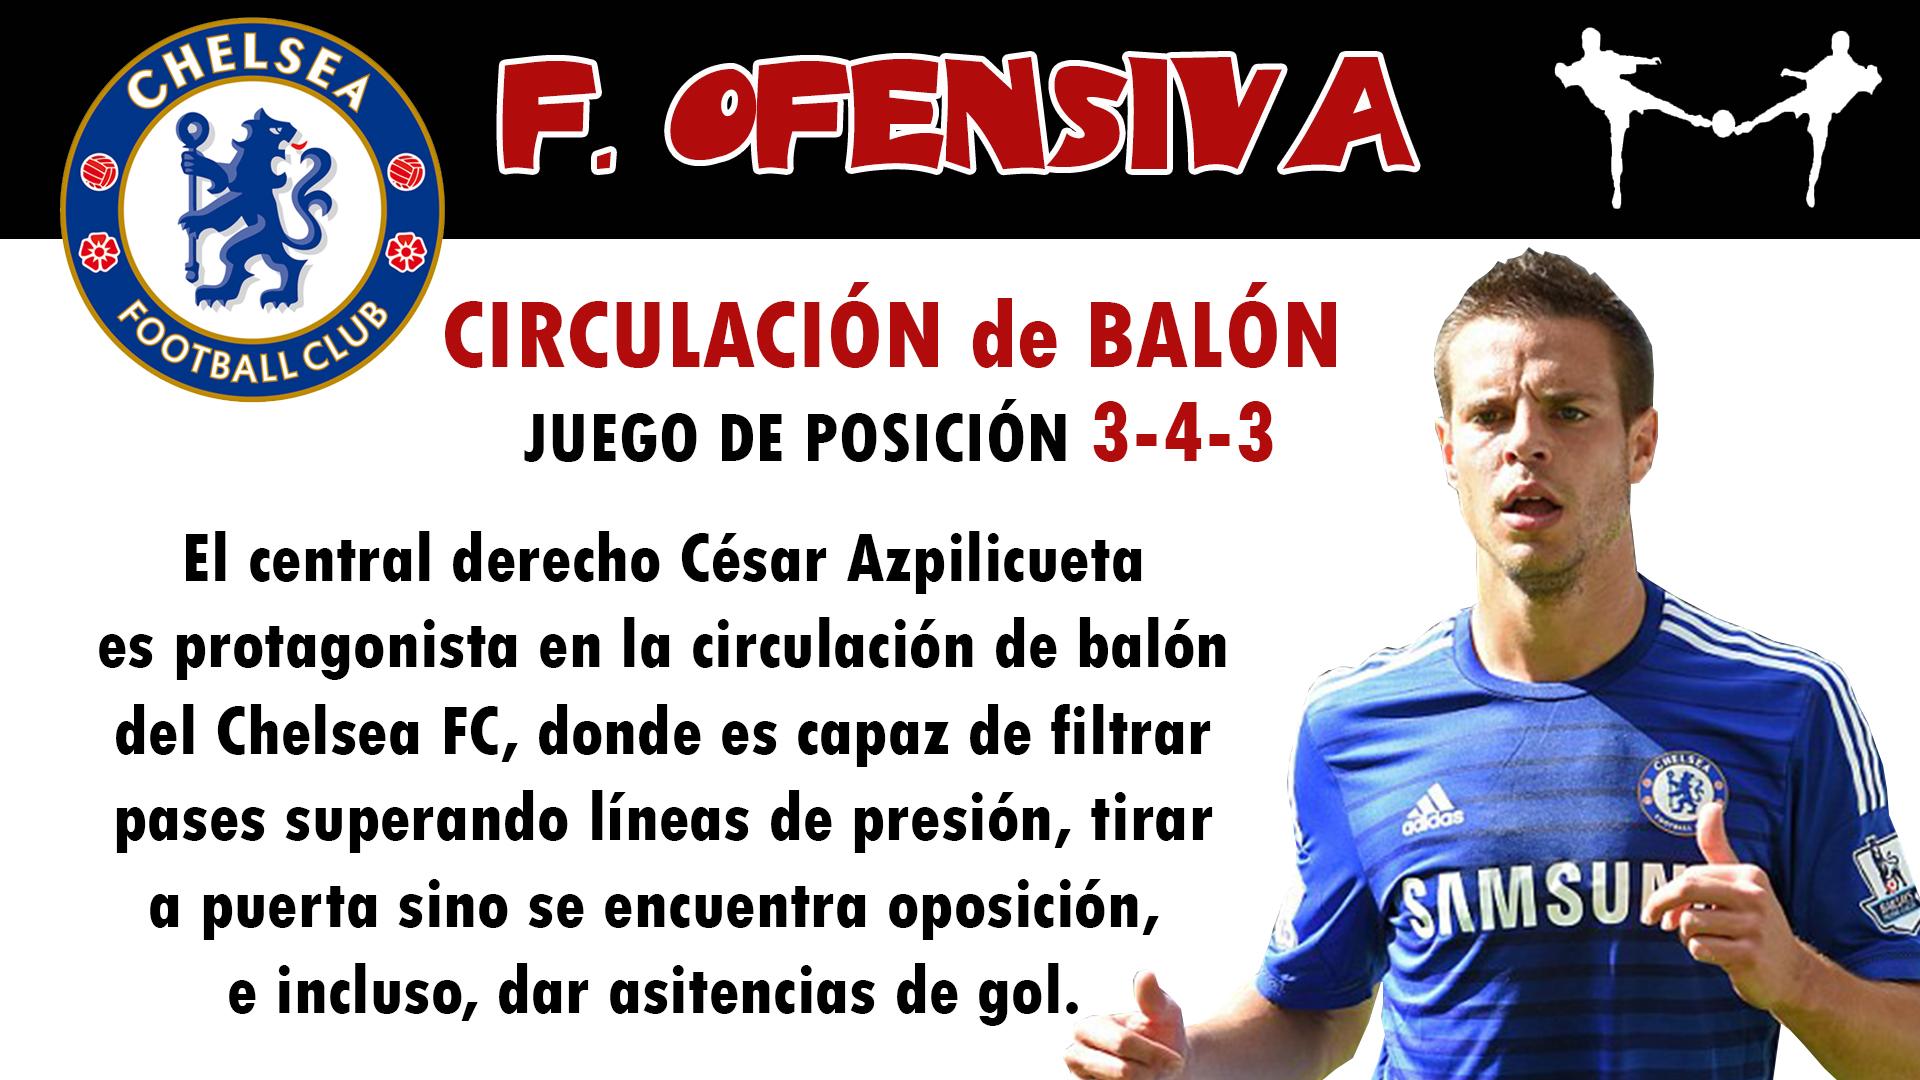 futbolcarrasco premier azpilicueta league analisis tactico chelsea antonio conte